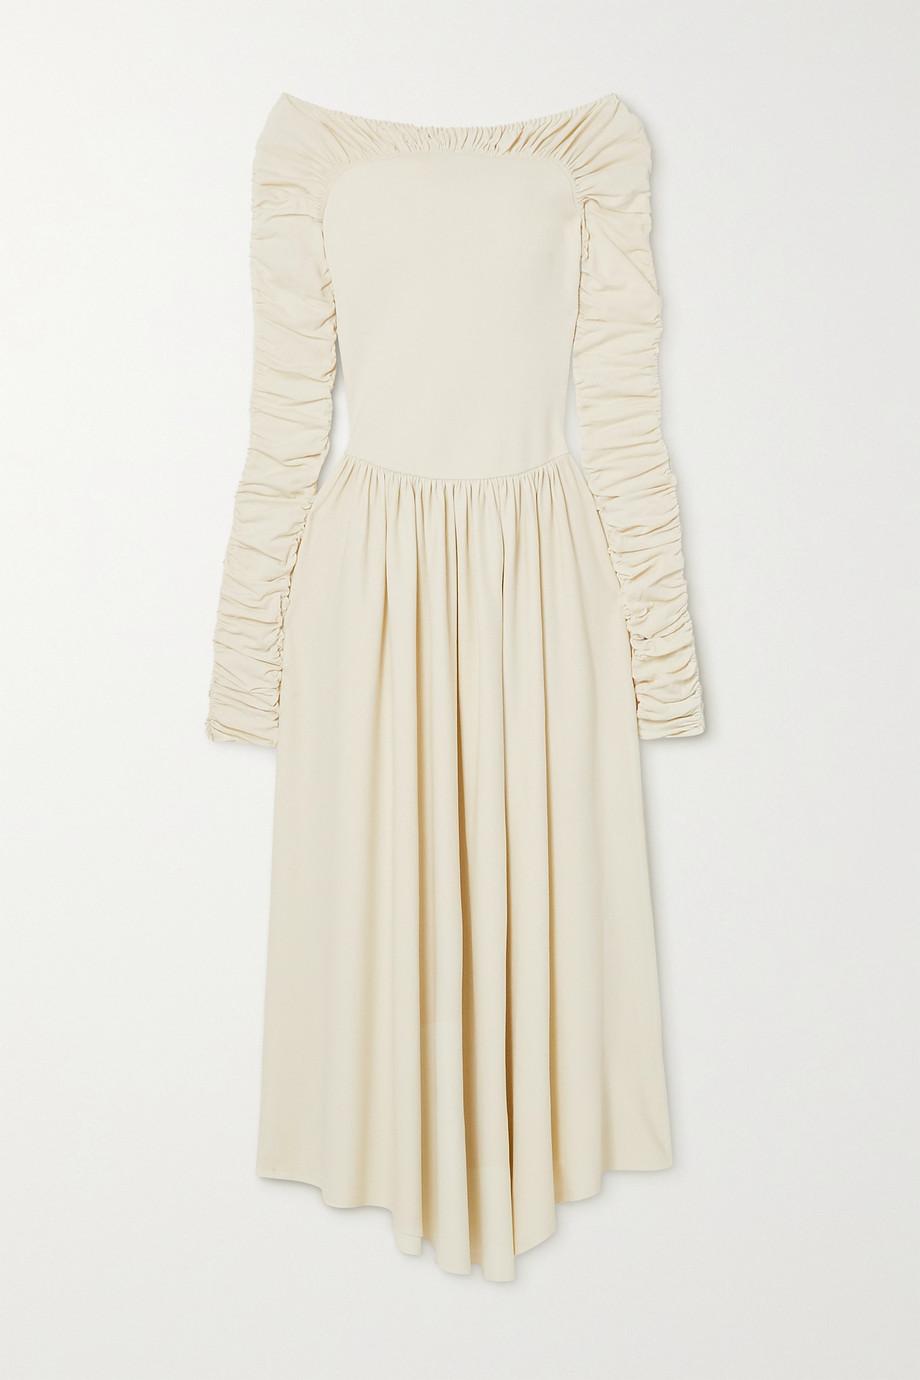 Khaite Ren ruched stretch-knit midi dress